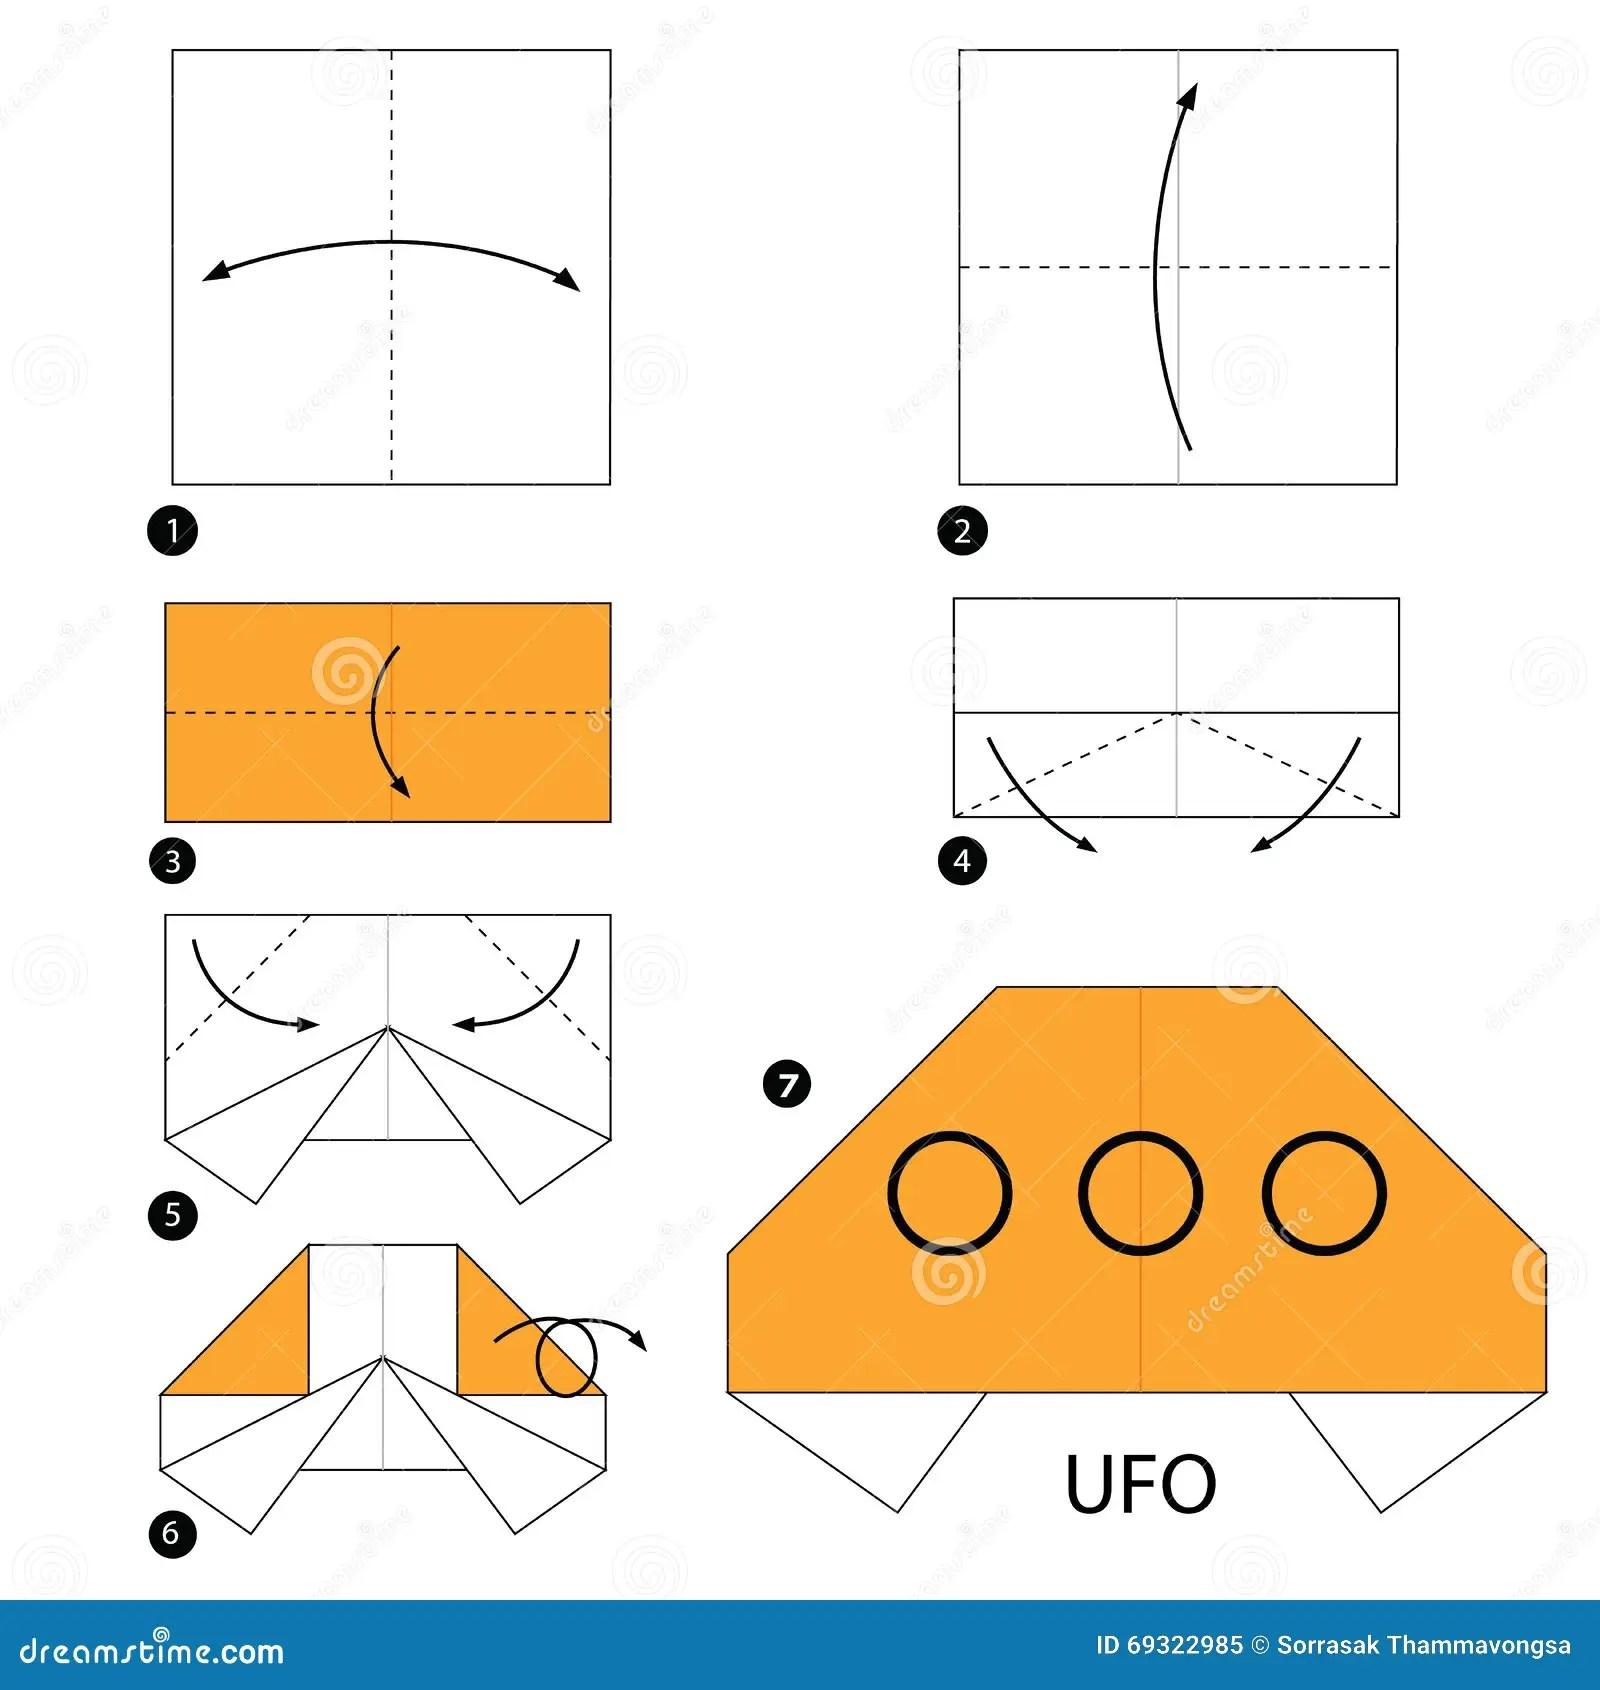 Alien Ufo Origami Diagrams Wiring Diagram Portal